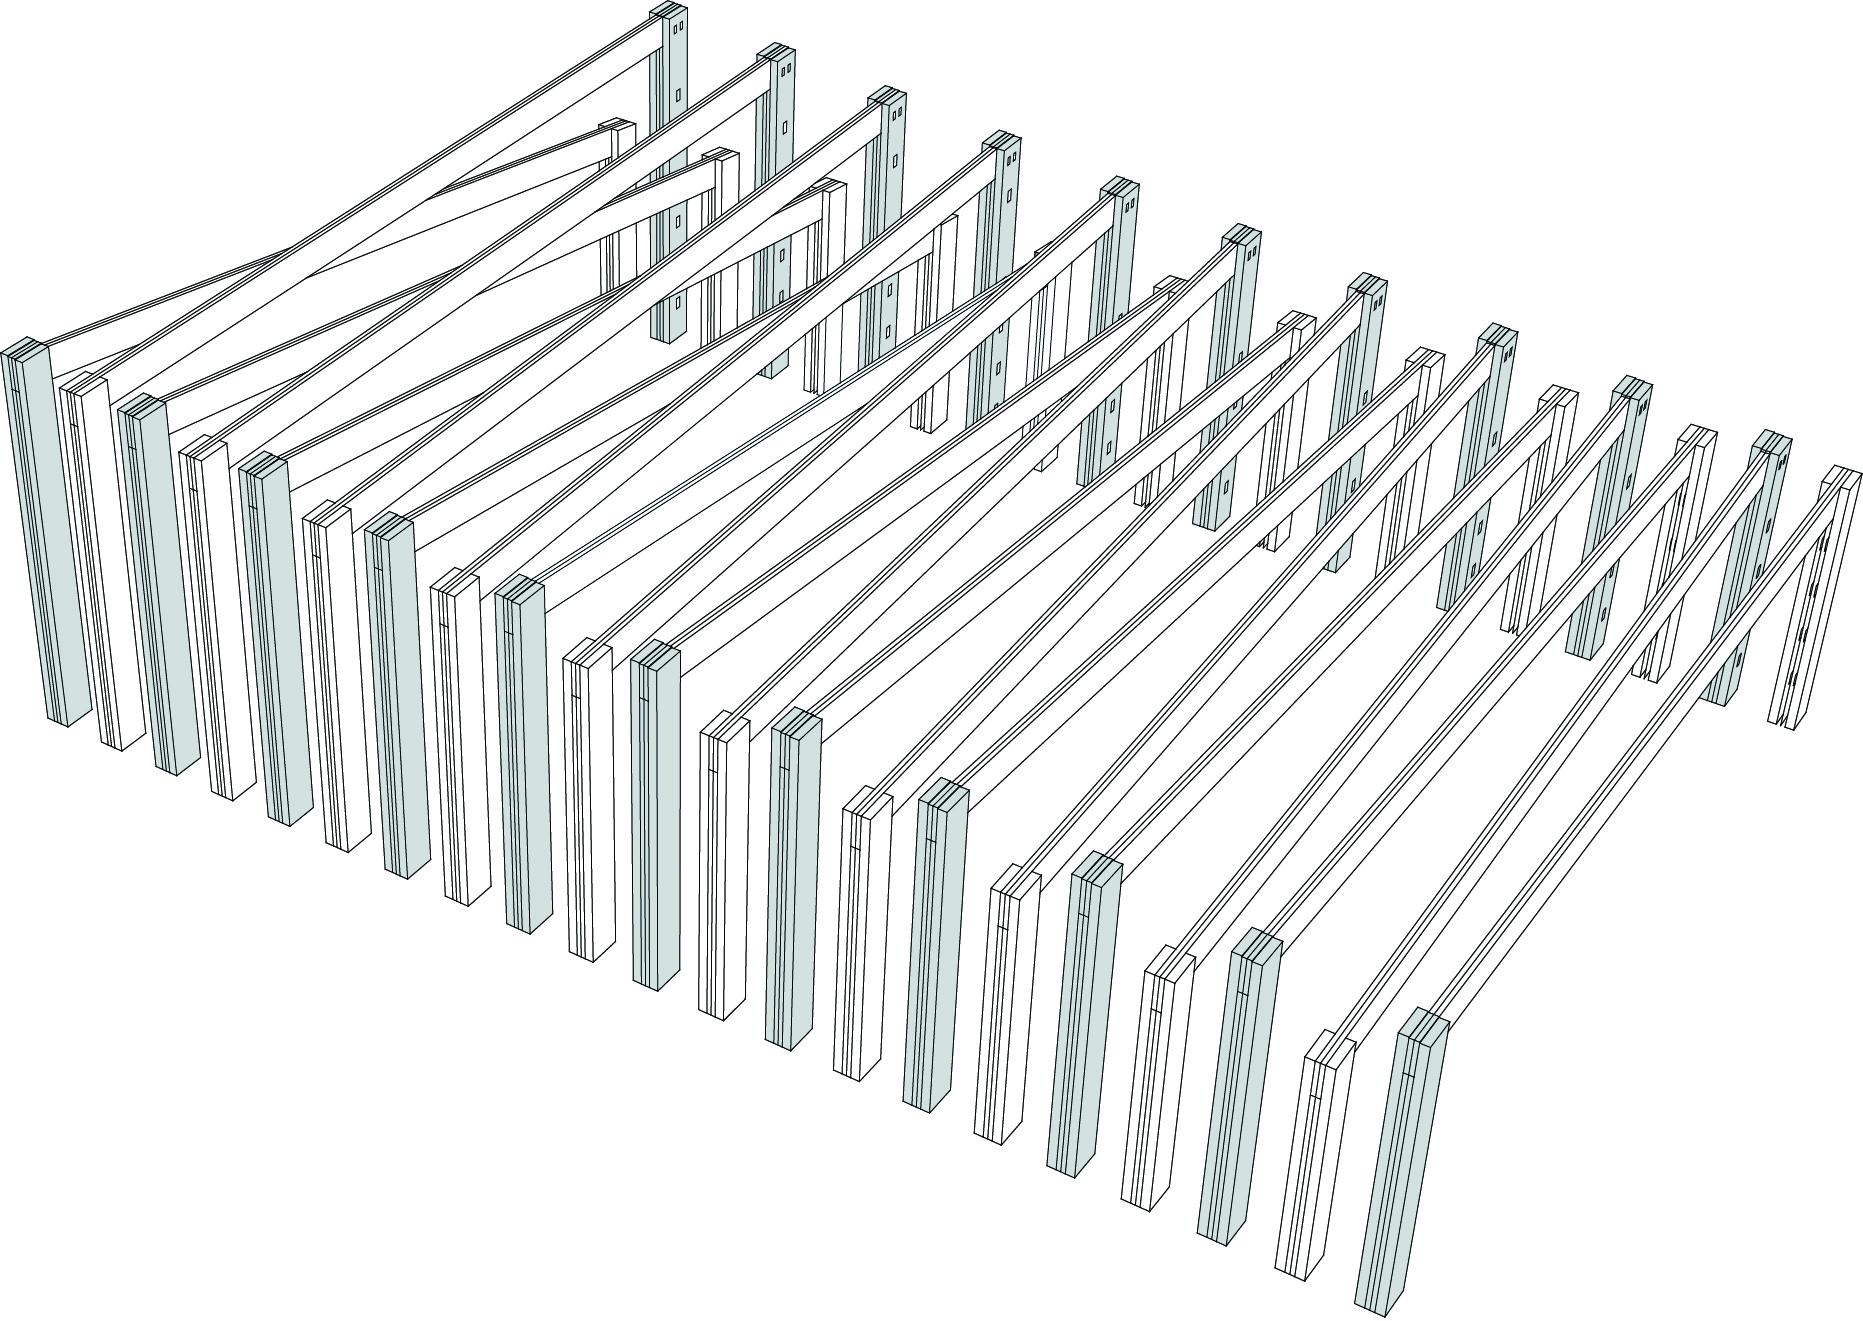 Vertical loads